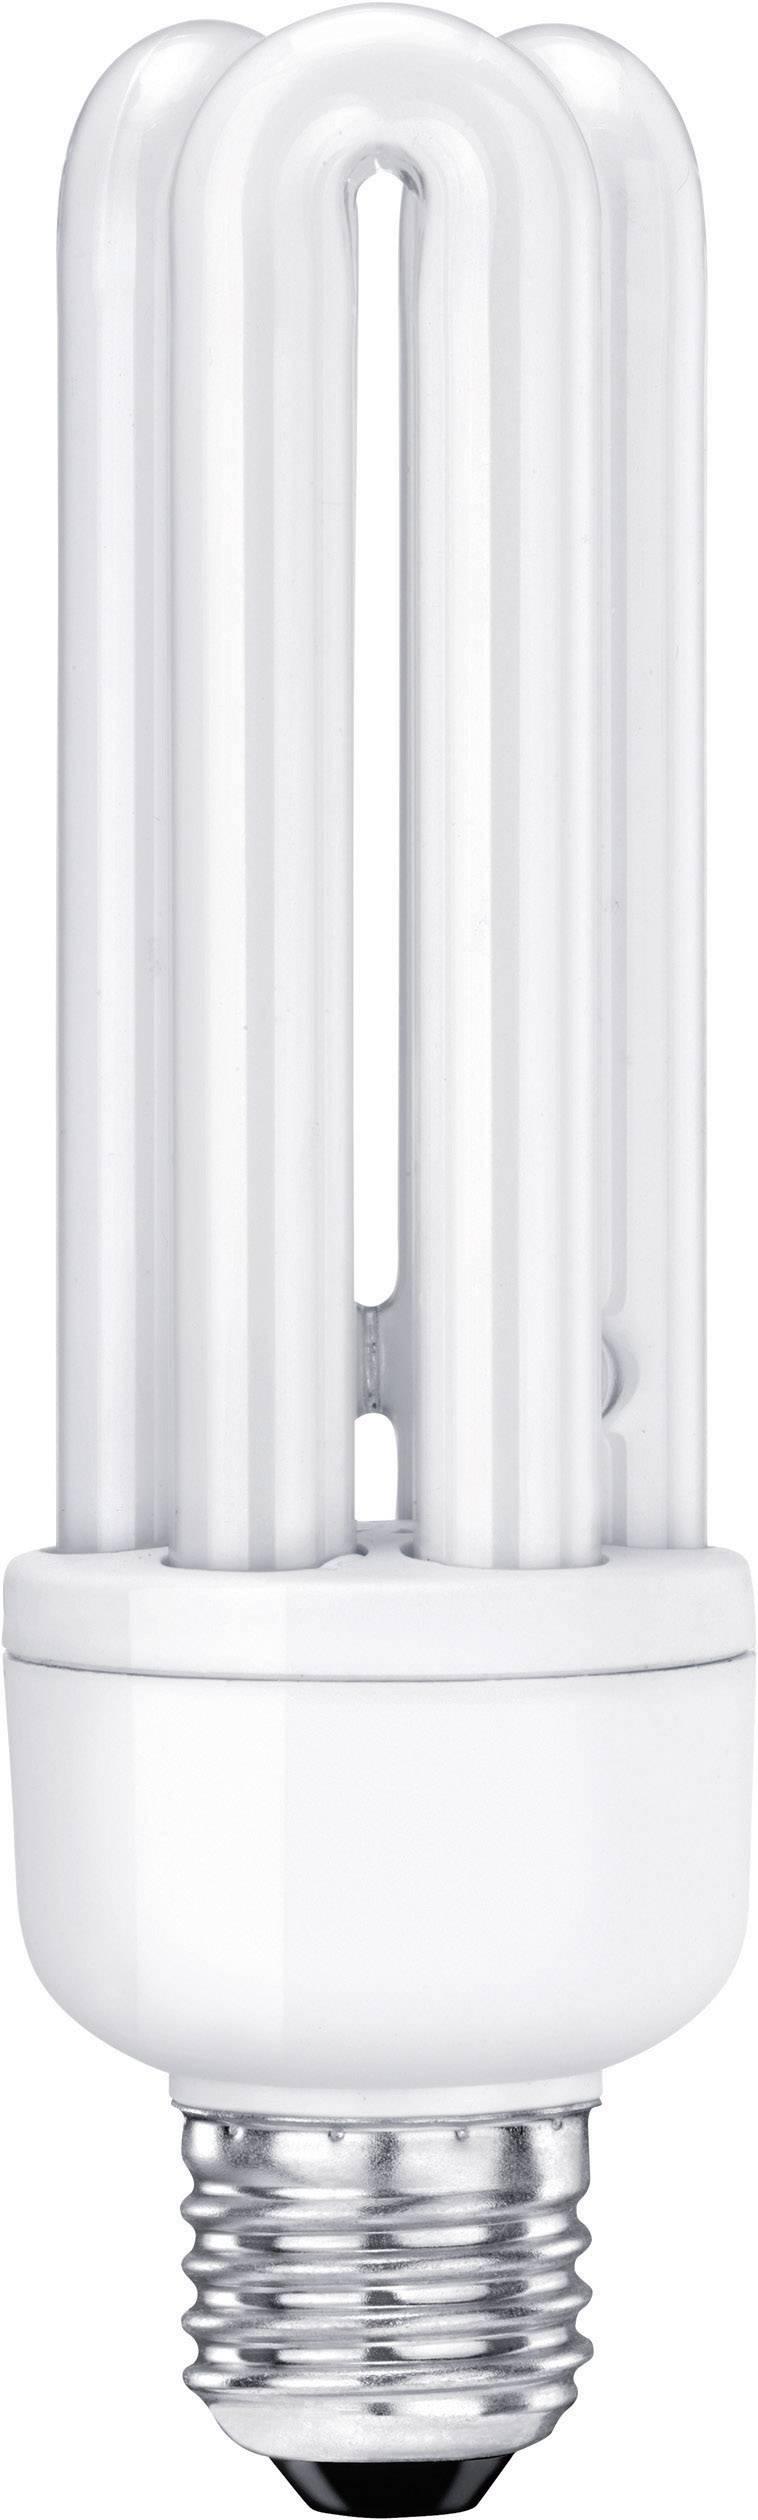 Úsporná žiarovka rúrka Sygonix E27, 20 W, teplá biela